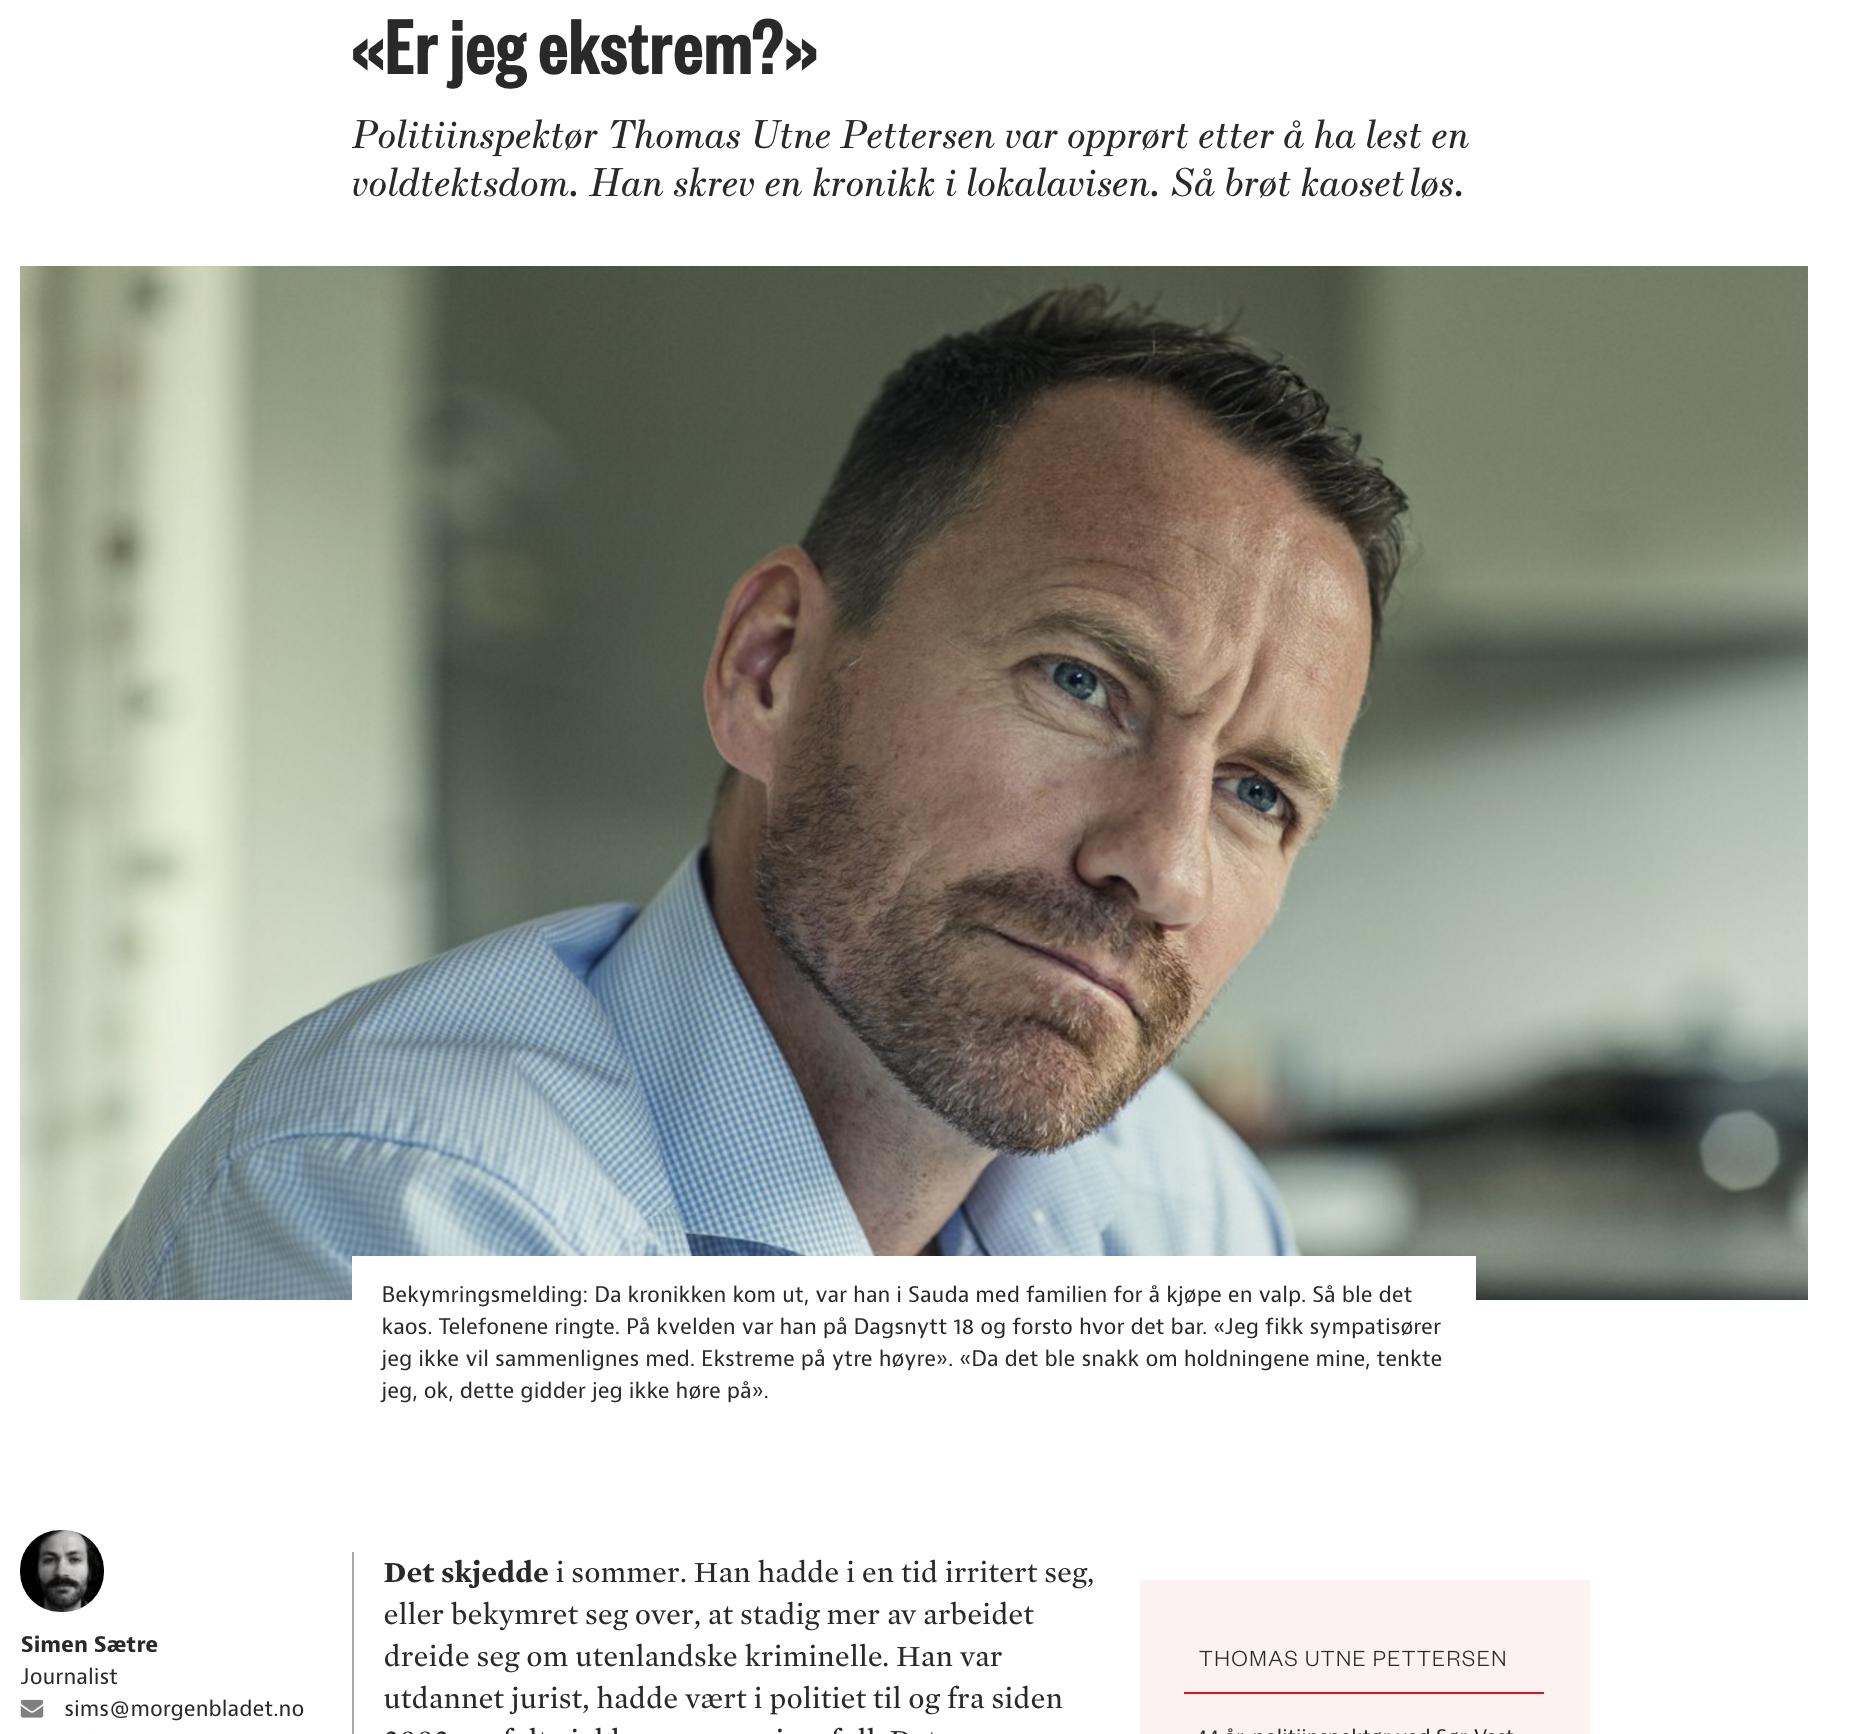 Faksimile fra Morgenbladet